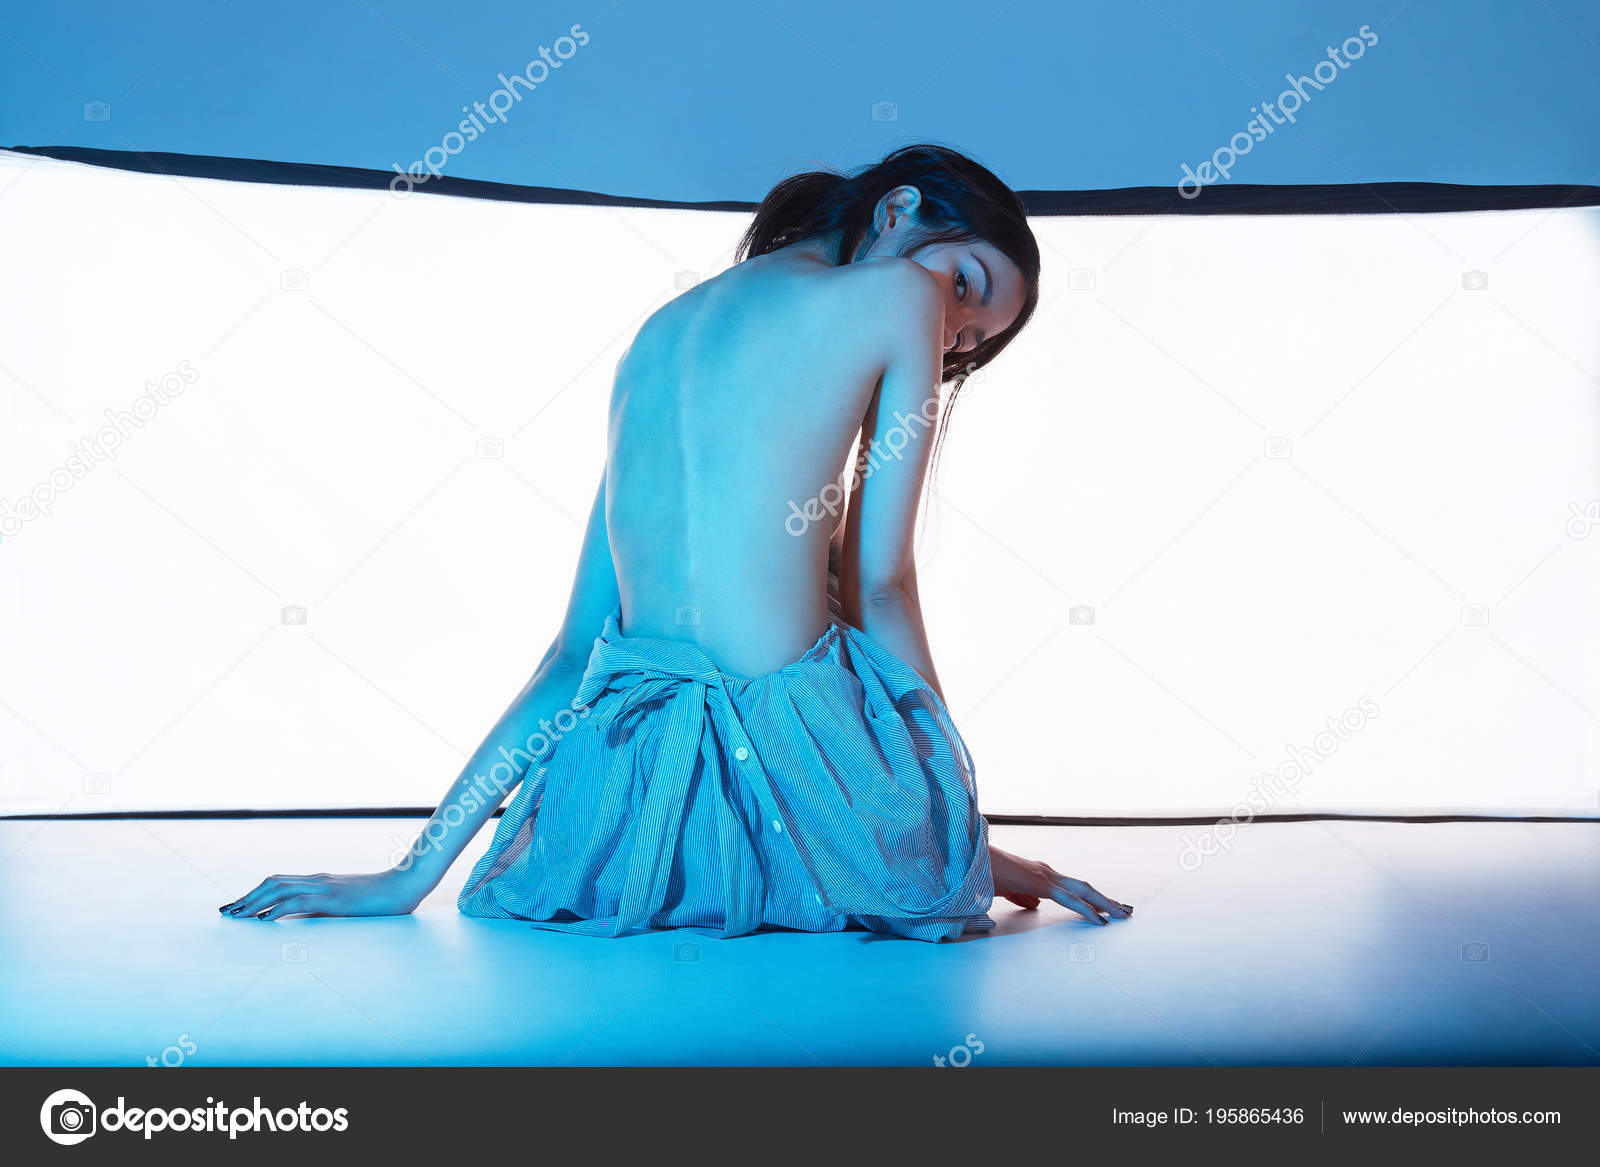 modeli-golie-v-fotostudii-zasvet-sportsmenki-fotografii